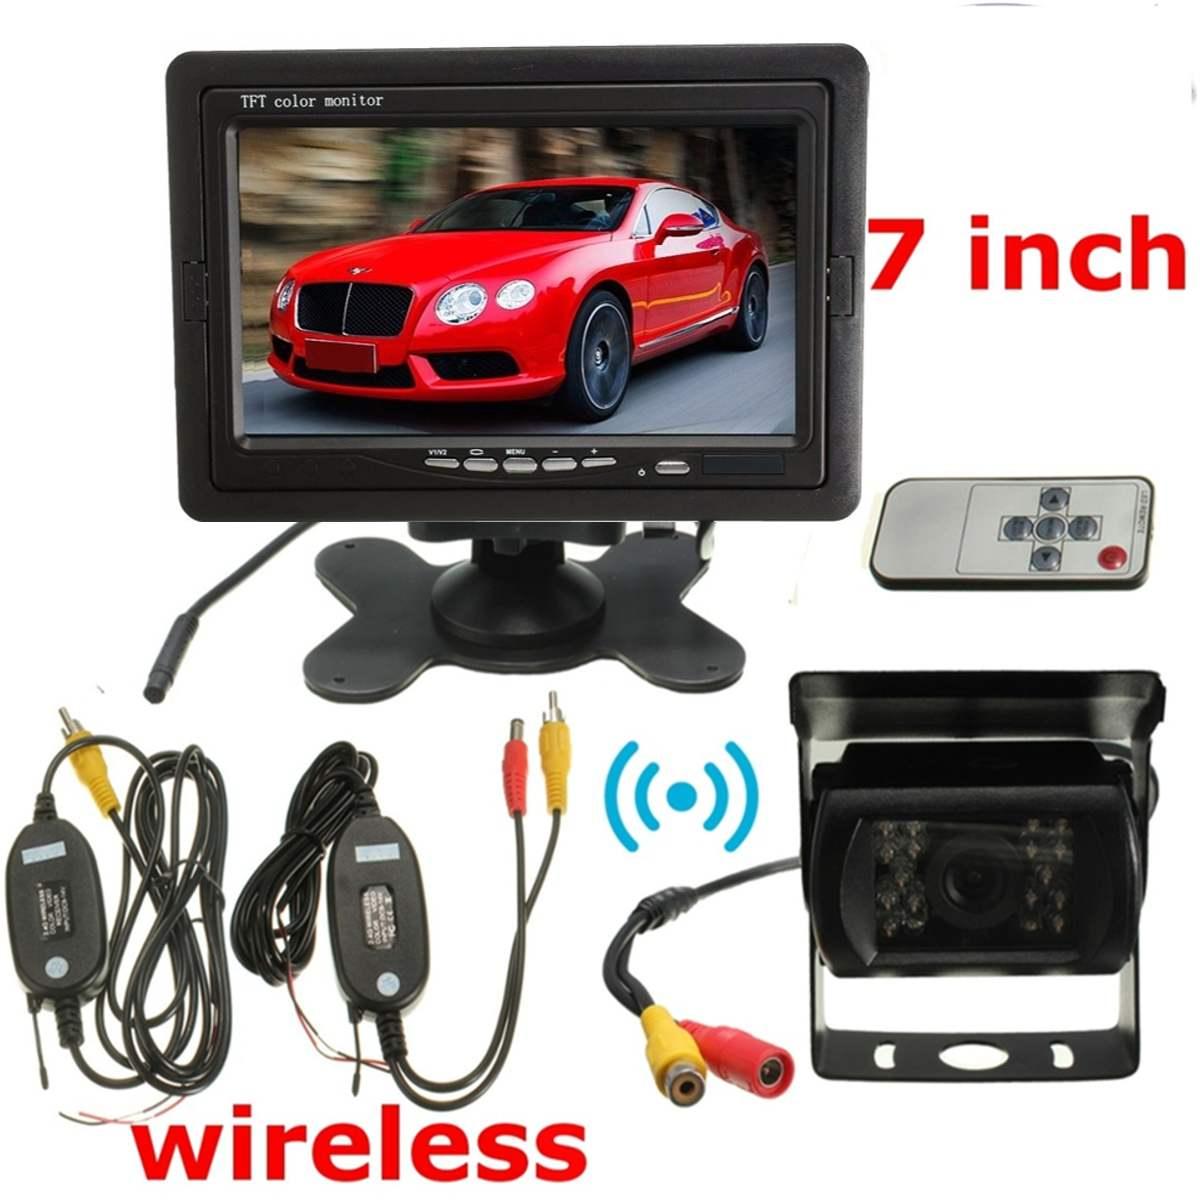 12 V coche vista trasera inalámbrico de la cámara de marcha atrás Kit 7 TFT LCD Monitor de la noche versión Kit